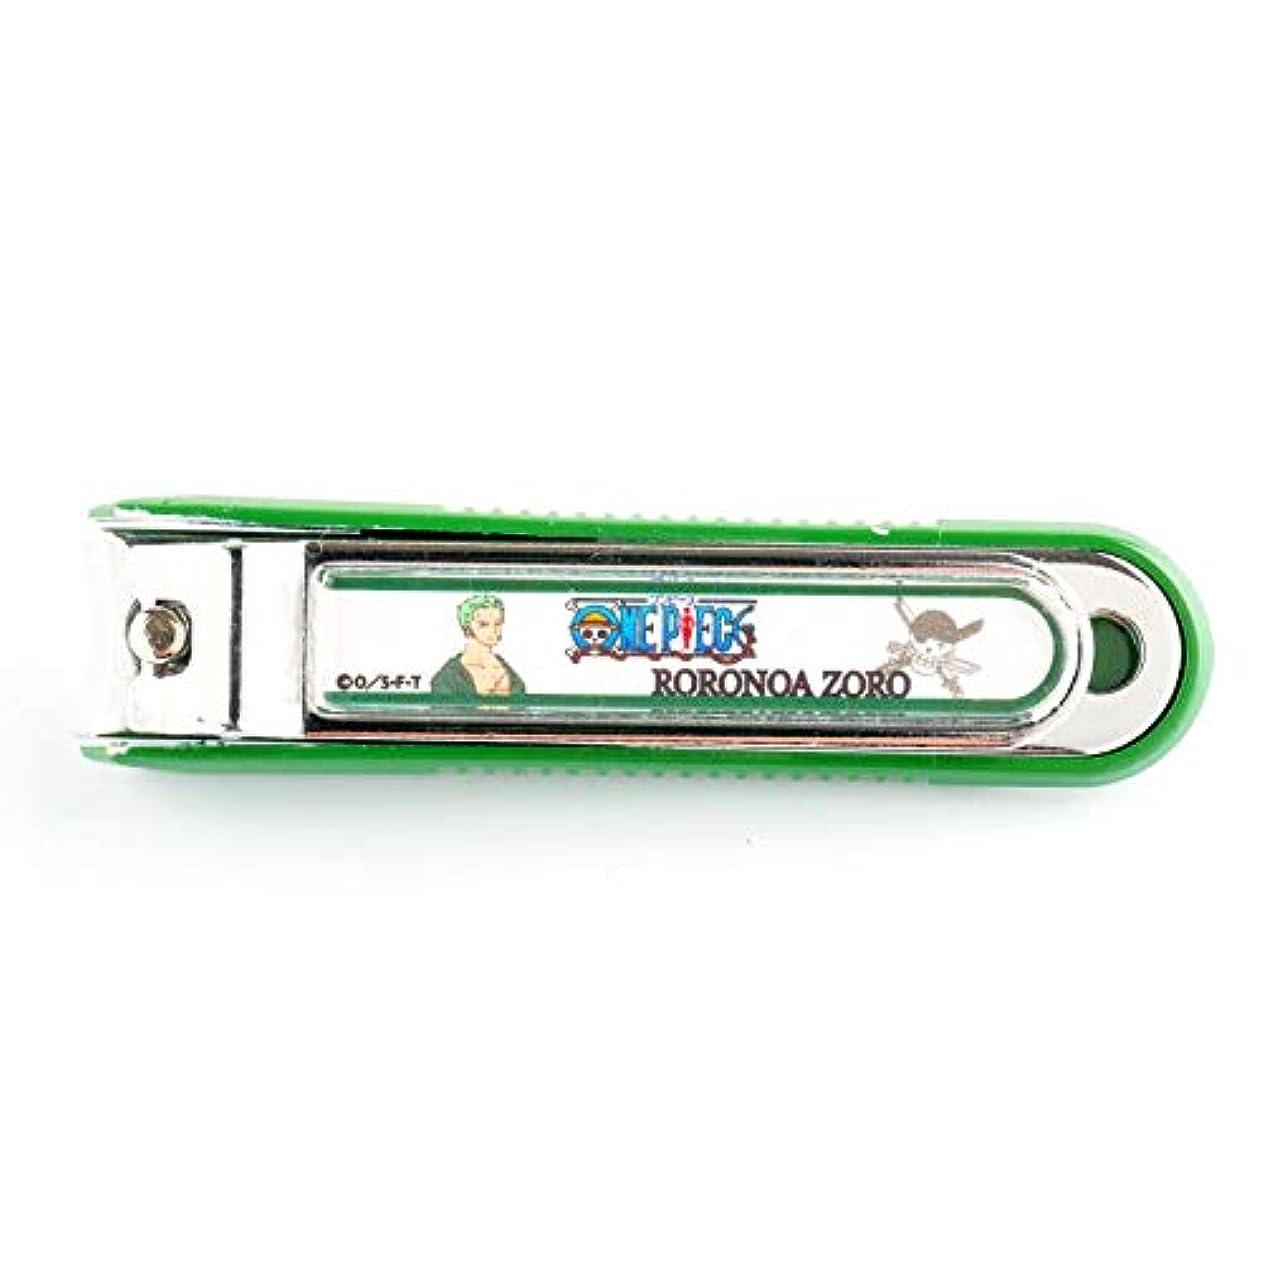 案件緑三十ニッケン刃物 デザイン小物 ゾロ 1.5×2×8cm ワンピース爪切り ON-850Z